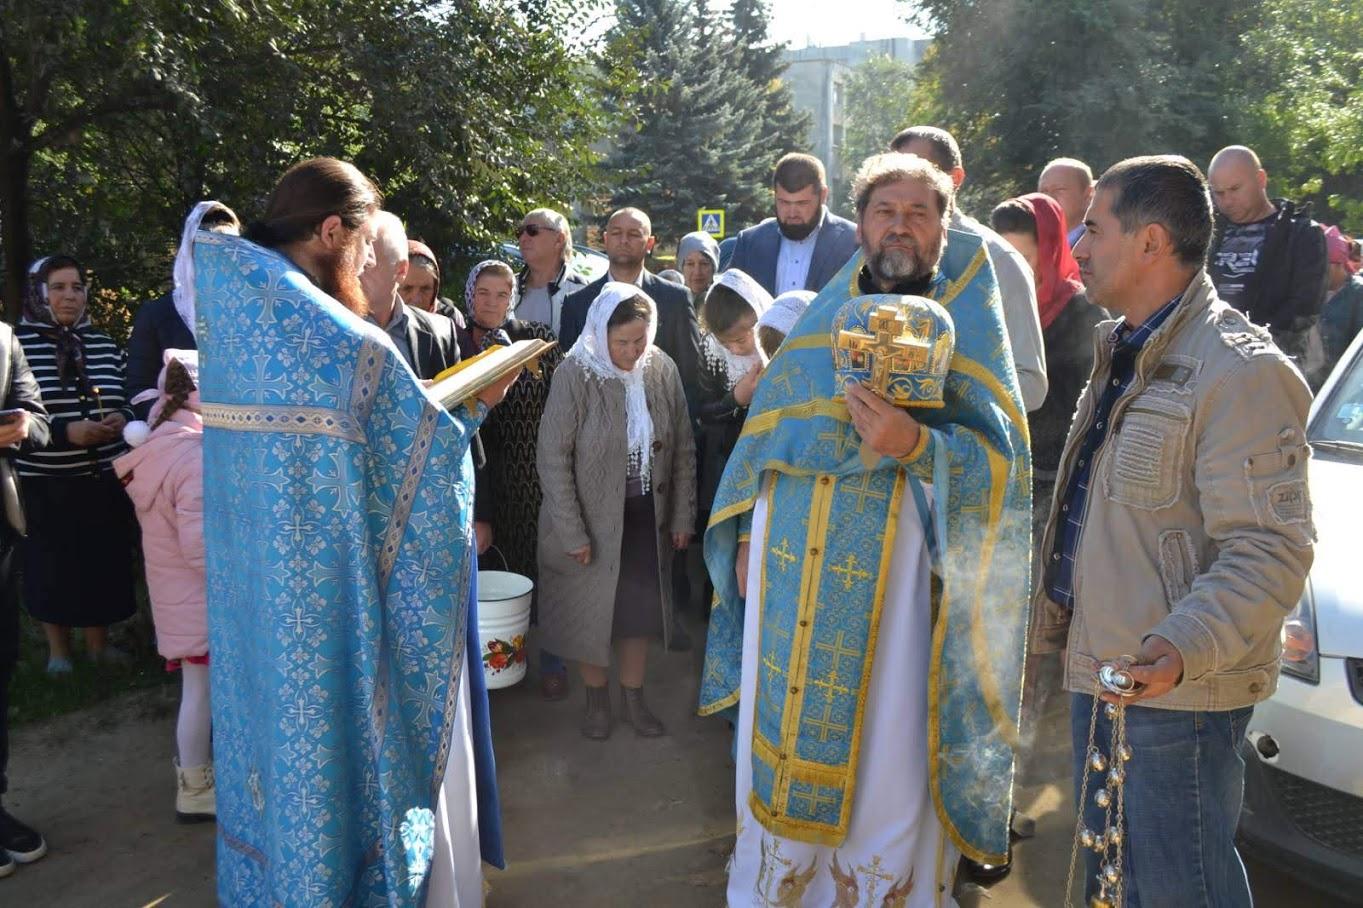 (ФОТО) Свято-Покровский храм г. Вулканешты отметил престольный праздник